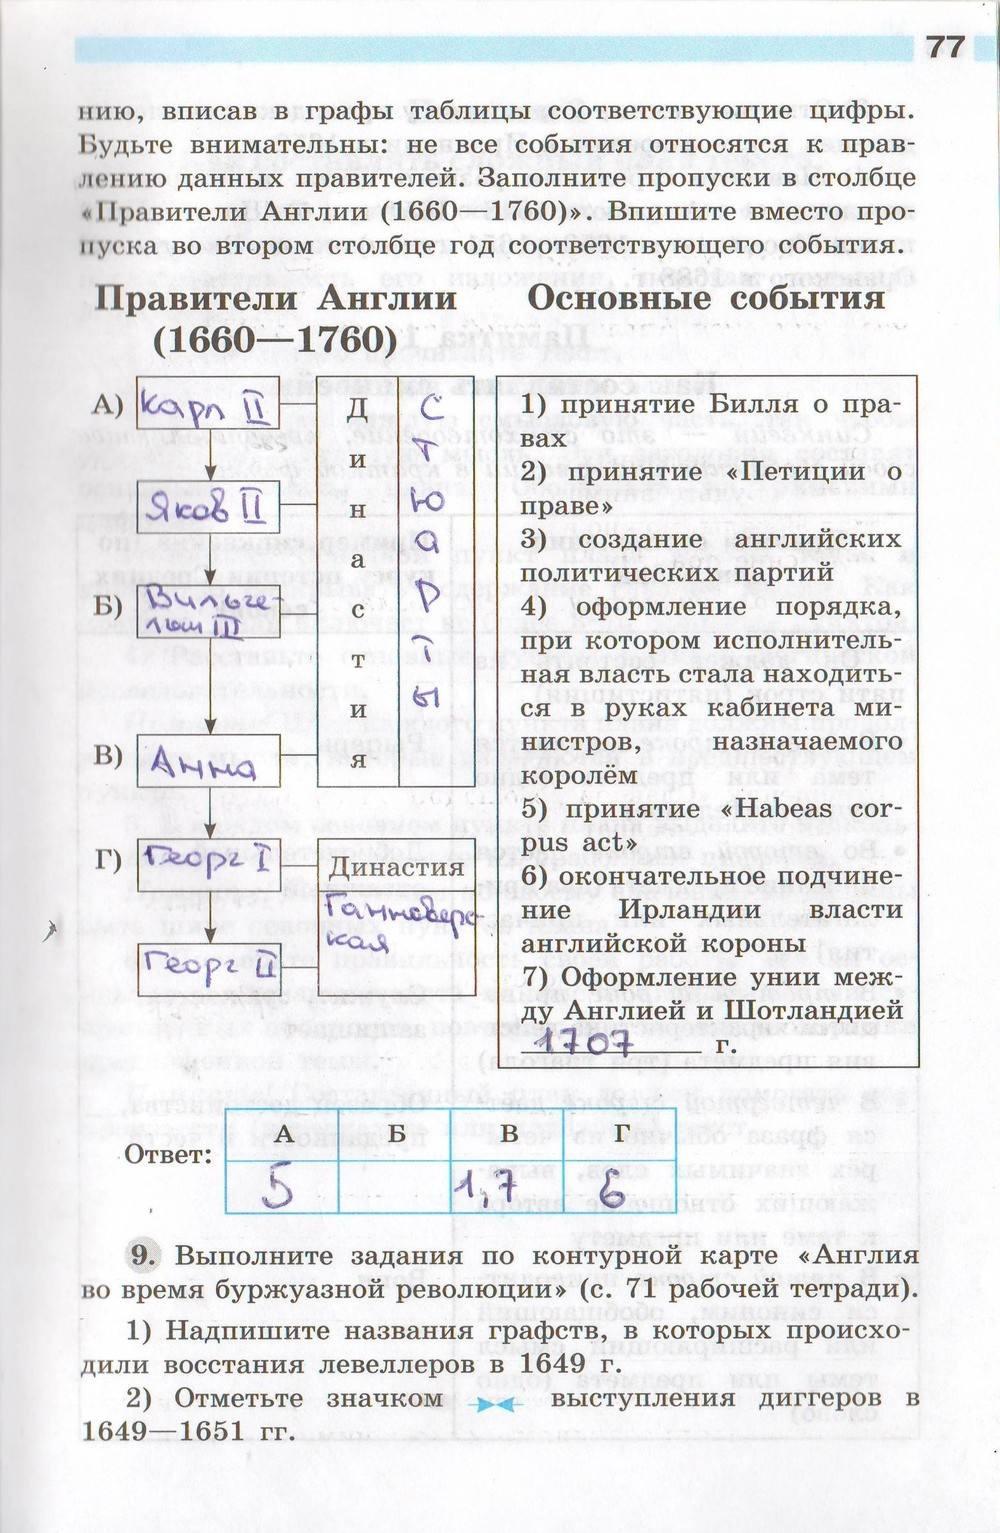 История Нового Времени 8 Класс Юдовская Ванюшкин Баранов Решебник